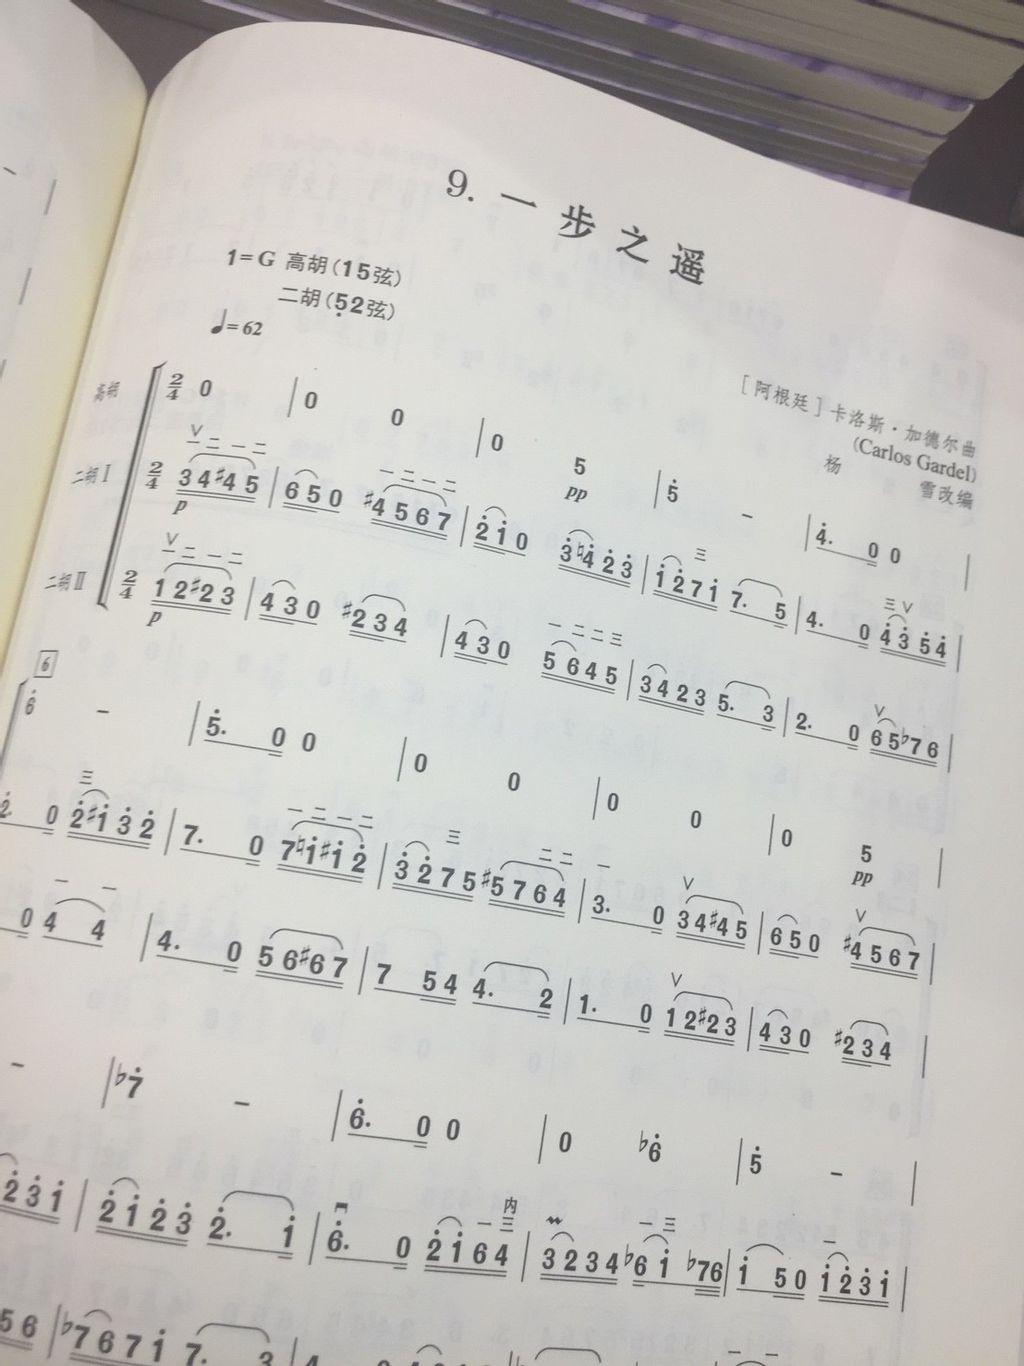 新版弓弦舞簡譜版_180611_0013.jpg